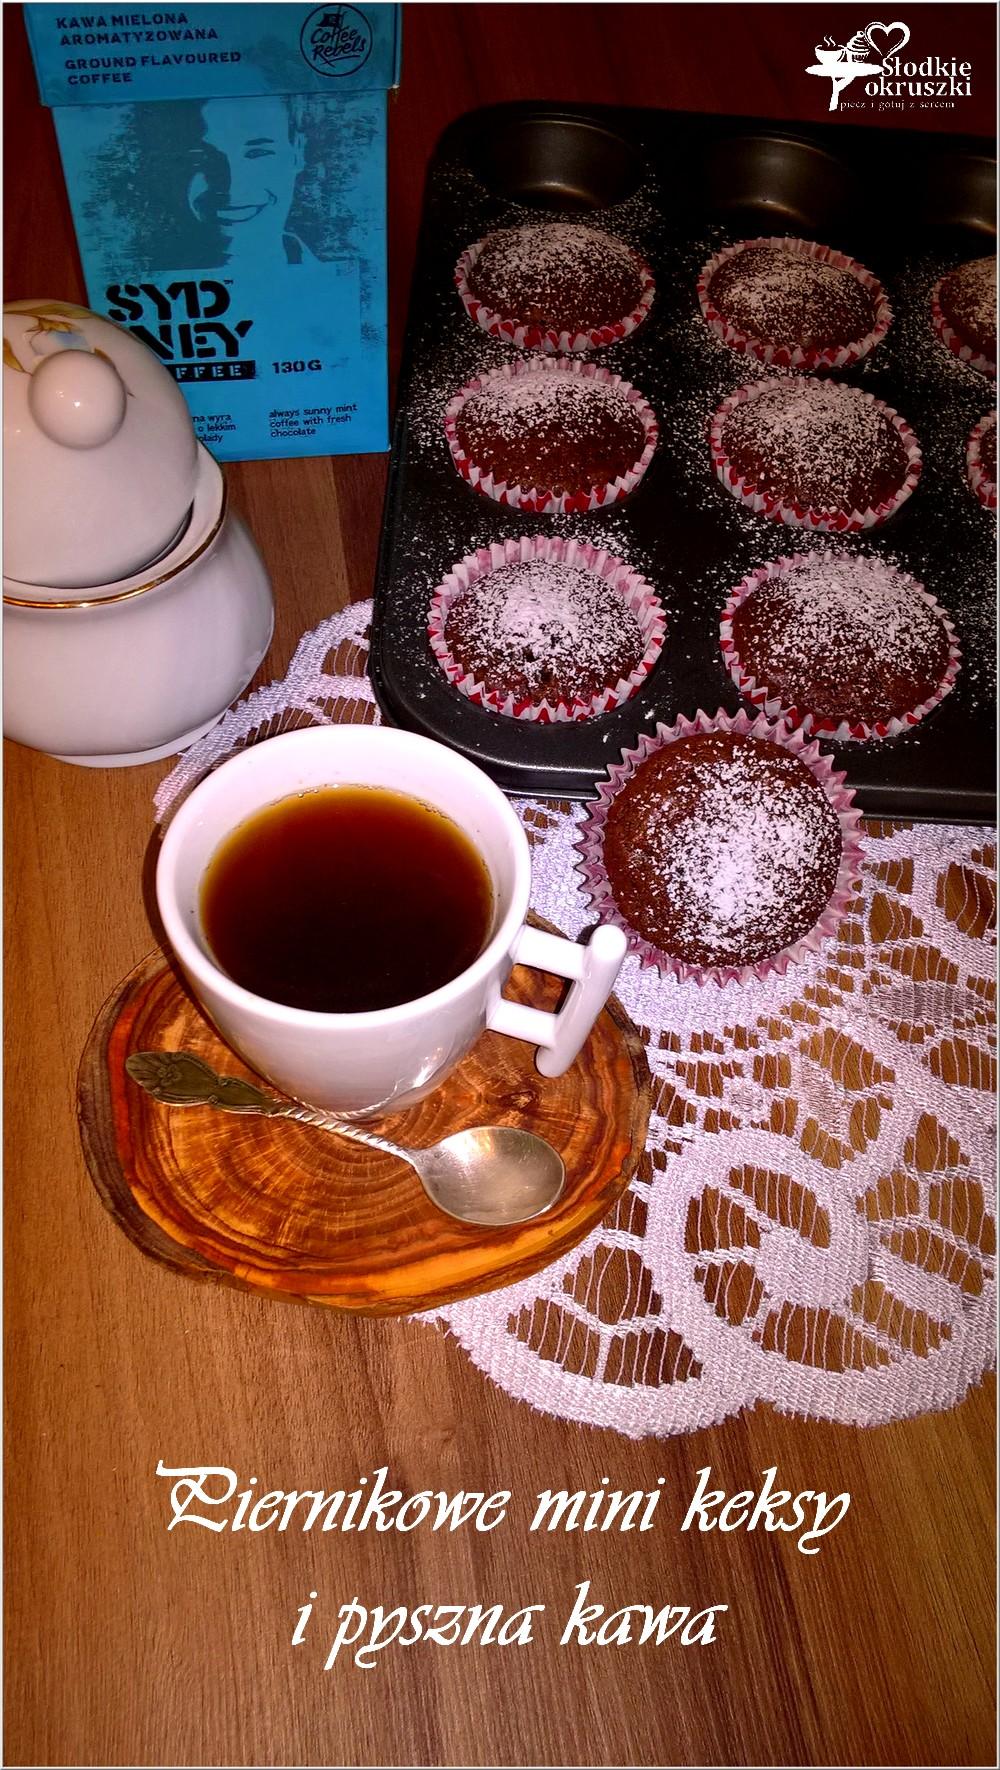 Piernikowe mini keksy i pyszna kawa (1)